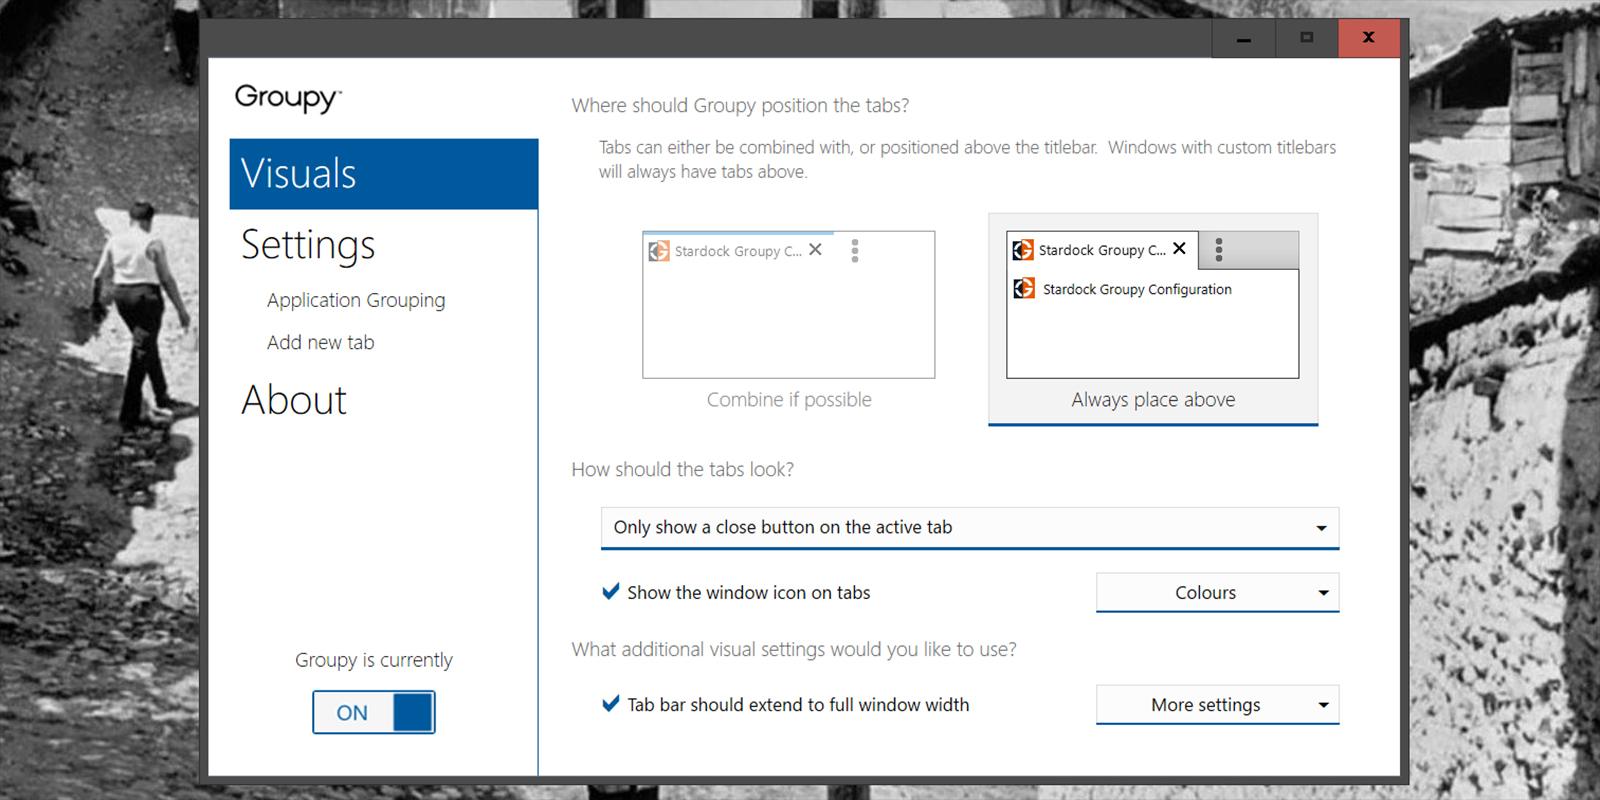 Groupy для Windows позволит быстро переключаться между